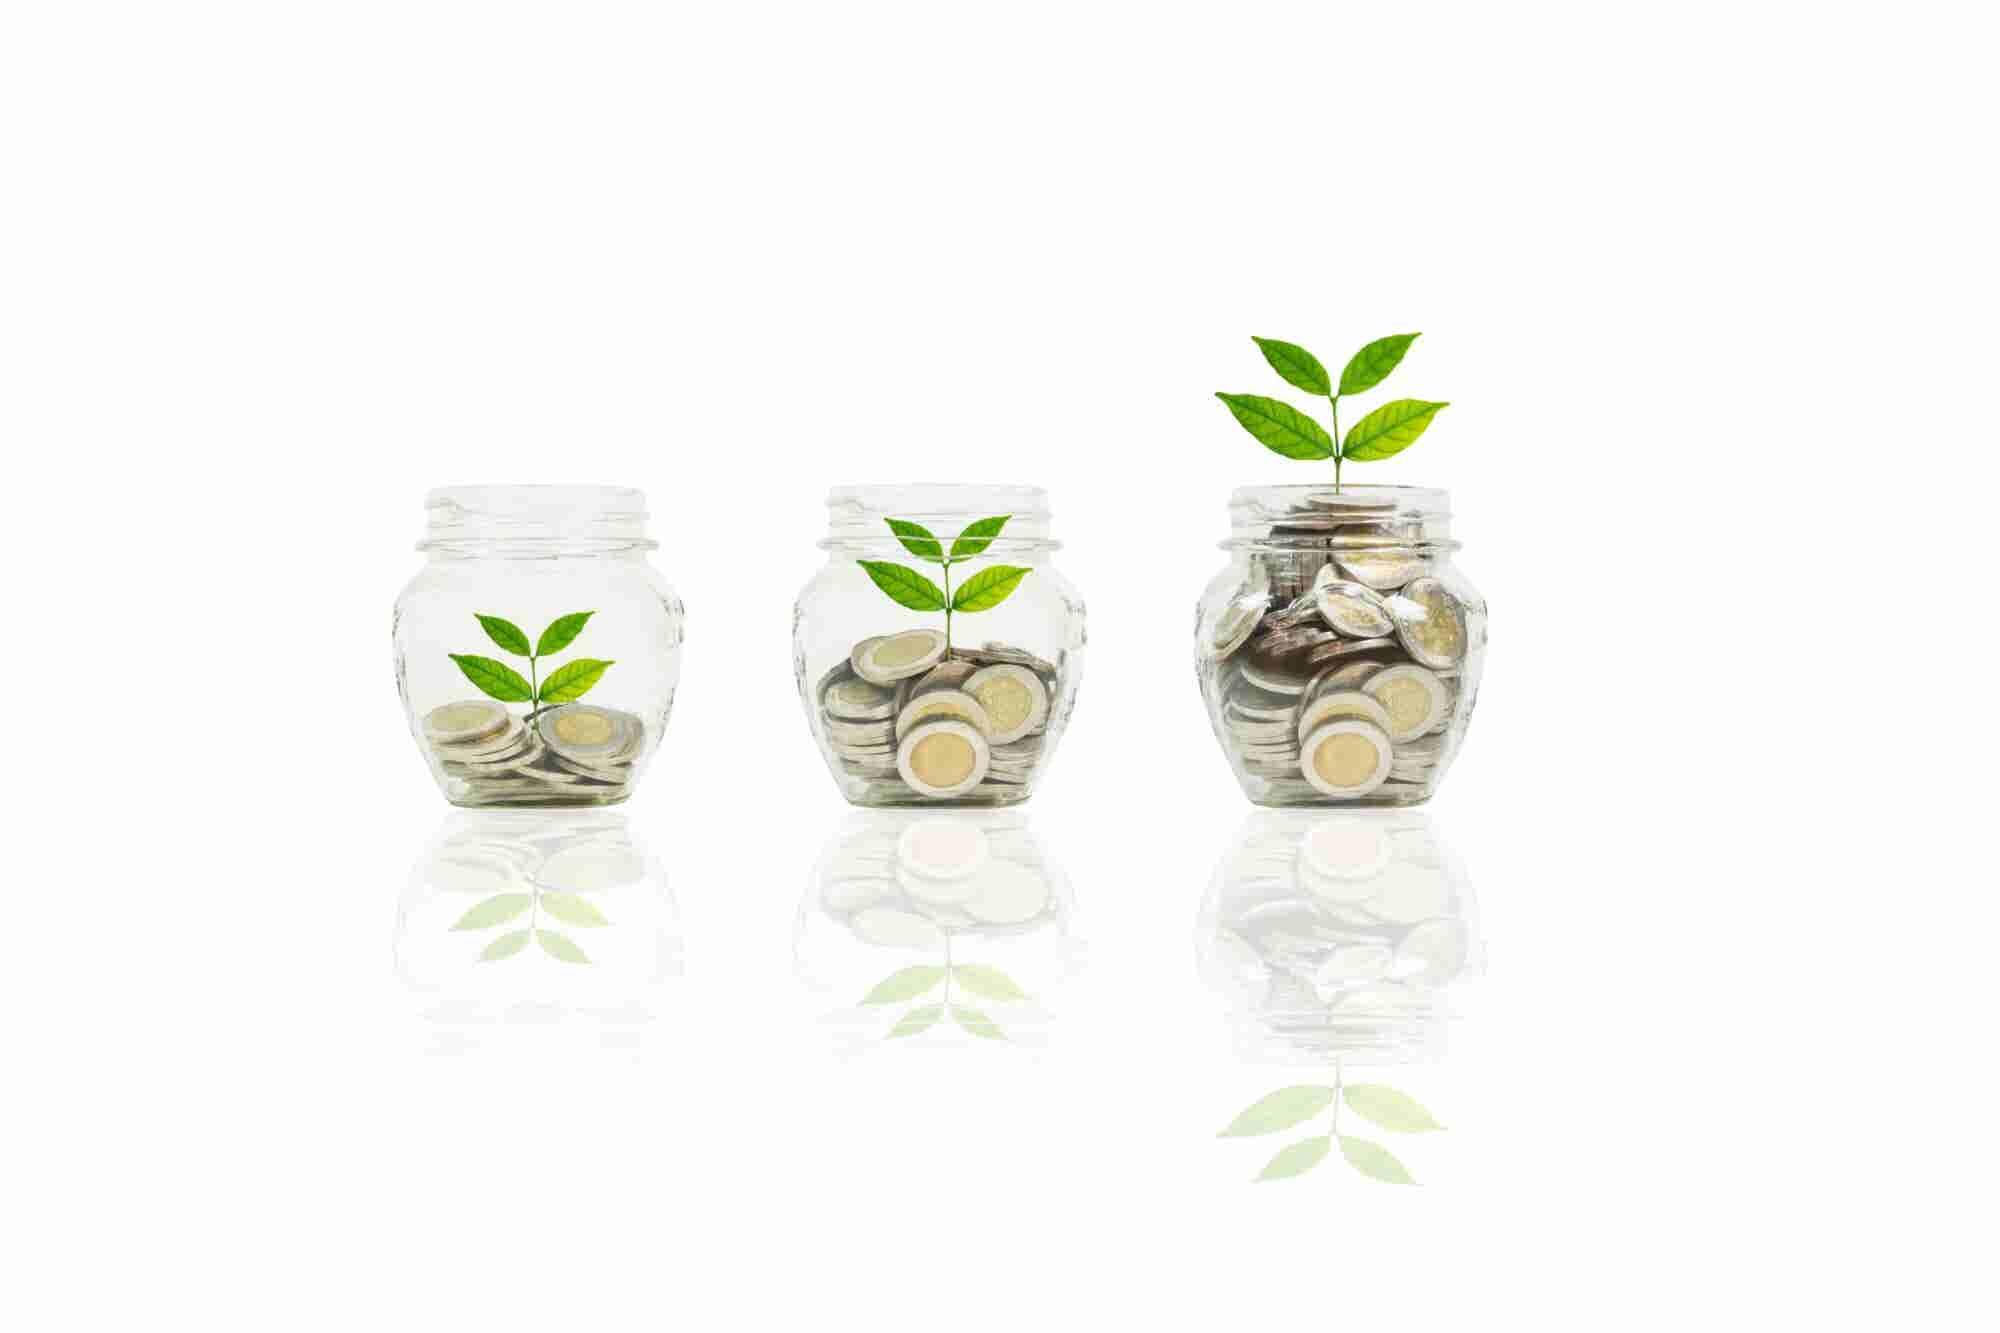 Los 6 problemas más comunes a los que te enfrentarás con tus inversionistas